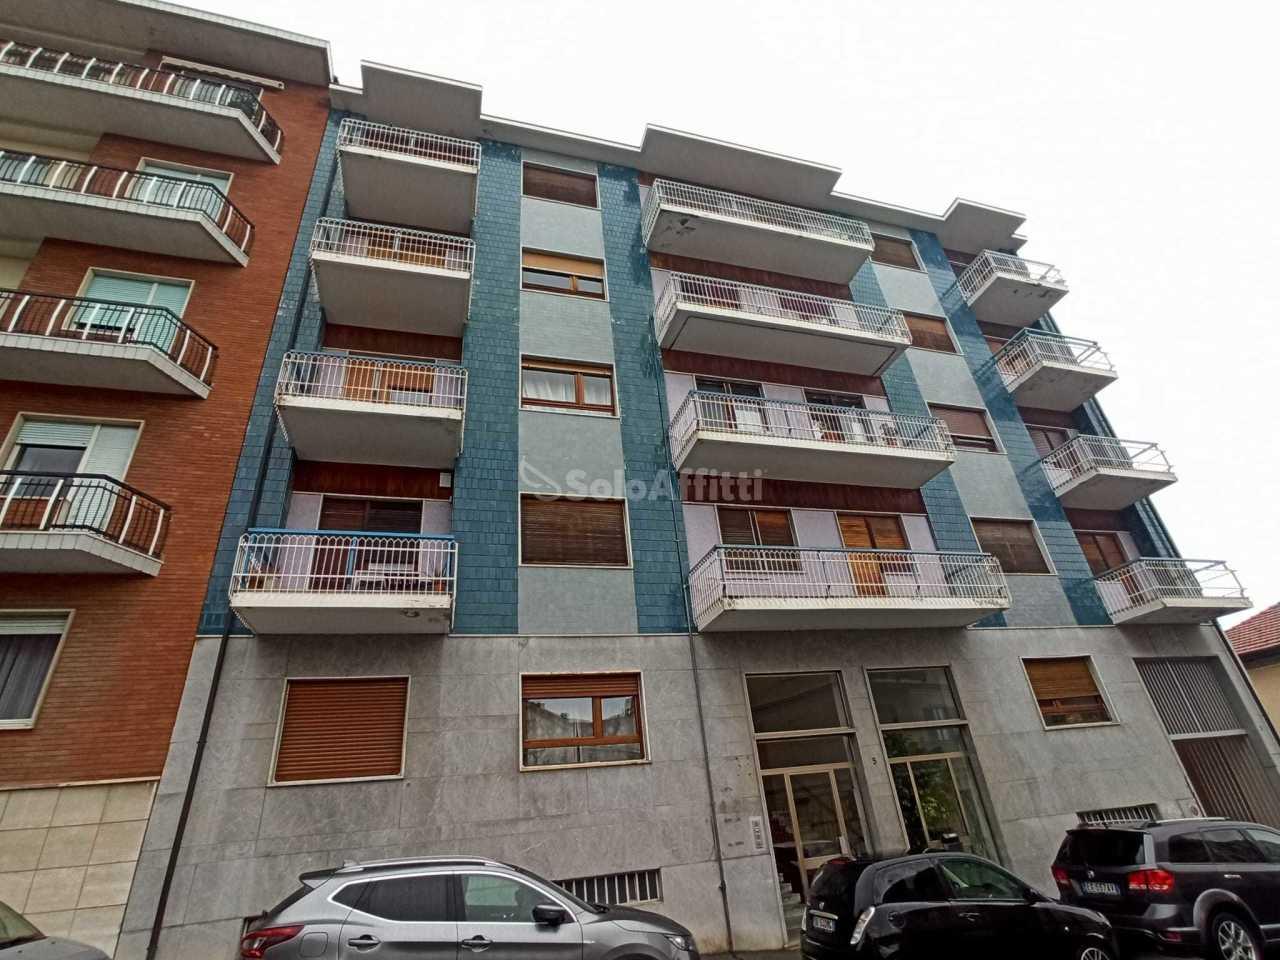 Appartamento in affitto a Pinerolo, 3 locali, prezzo € 440 | PortaleAgenzieImmobiliari.it